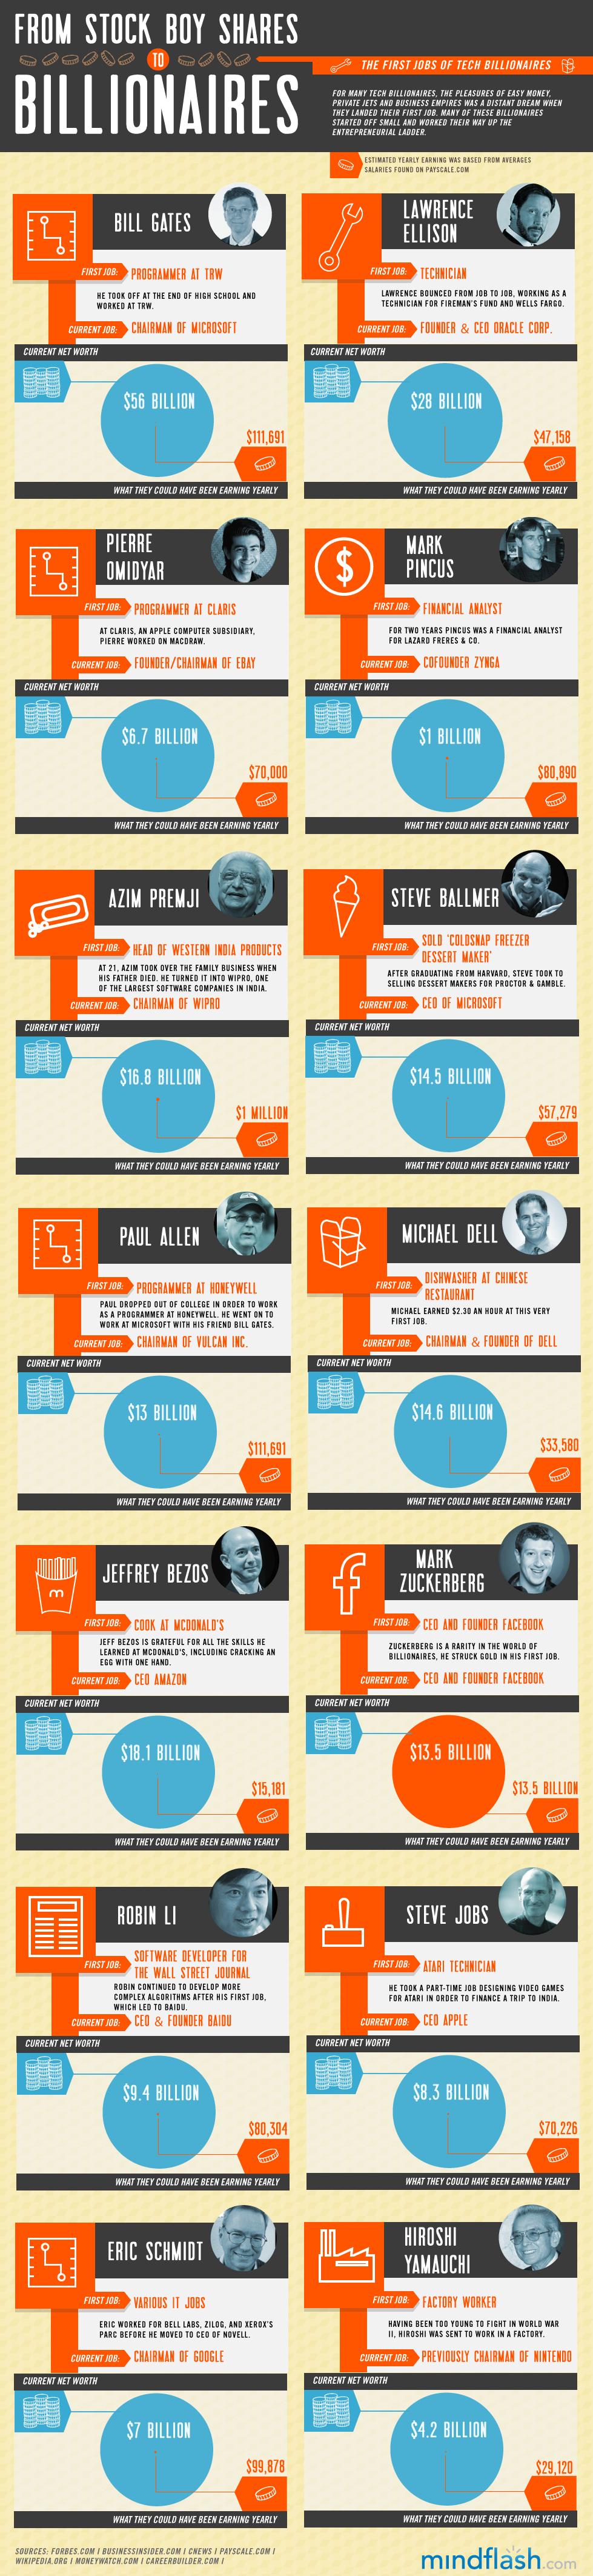 El primer trabajo de los billonarios tecnológicos #infografía #infographic #curiosidades